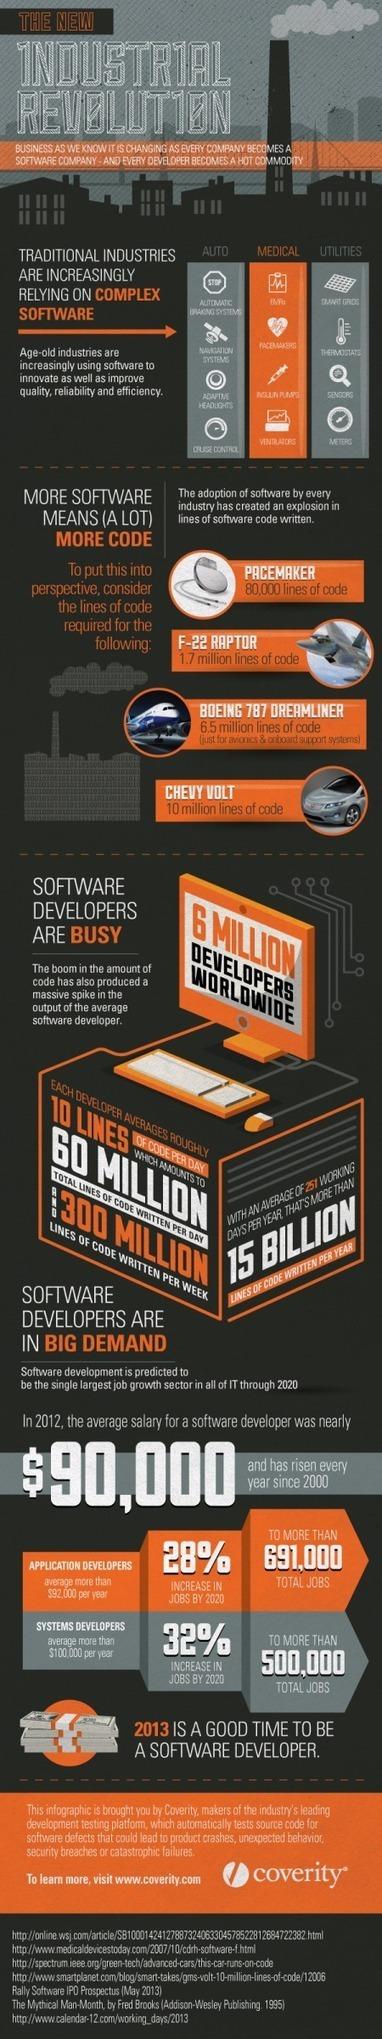 Le développement logiciels en chiffres - InformatiqueNews.fr | Logiciels | Scoop.it